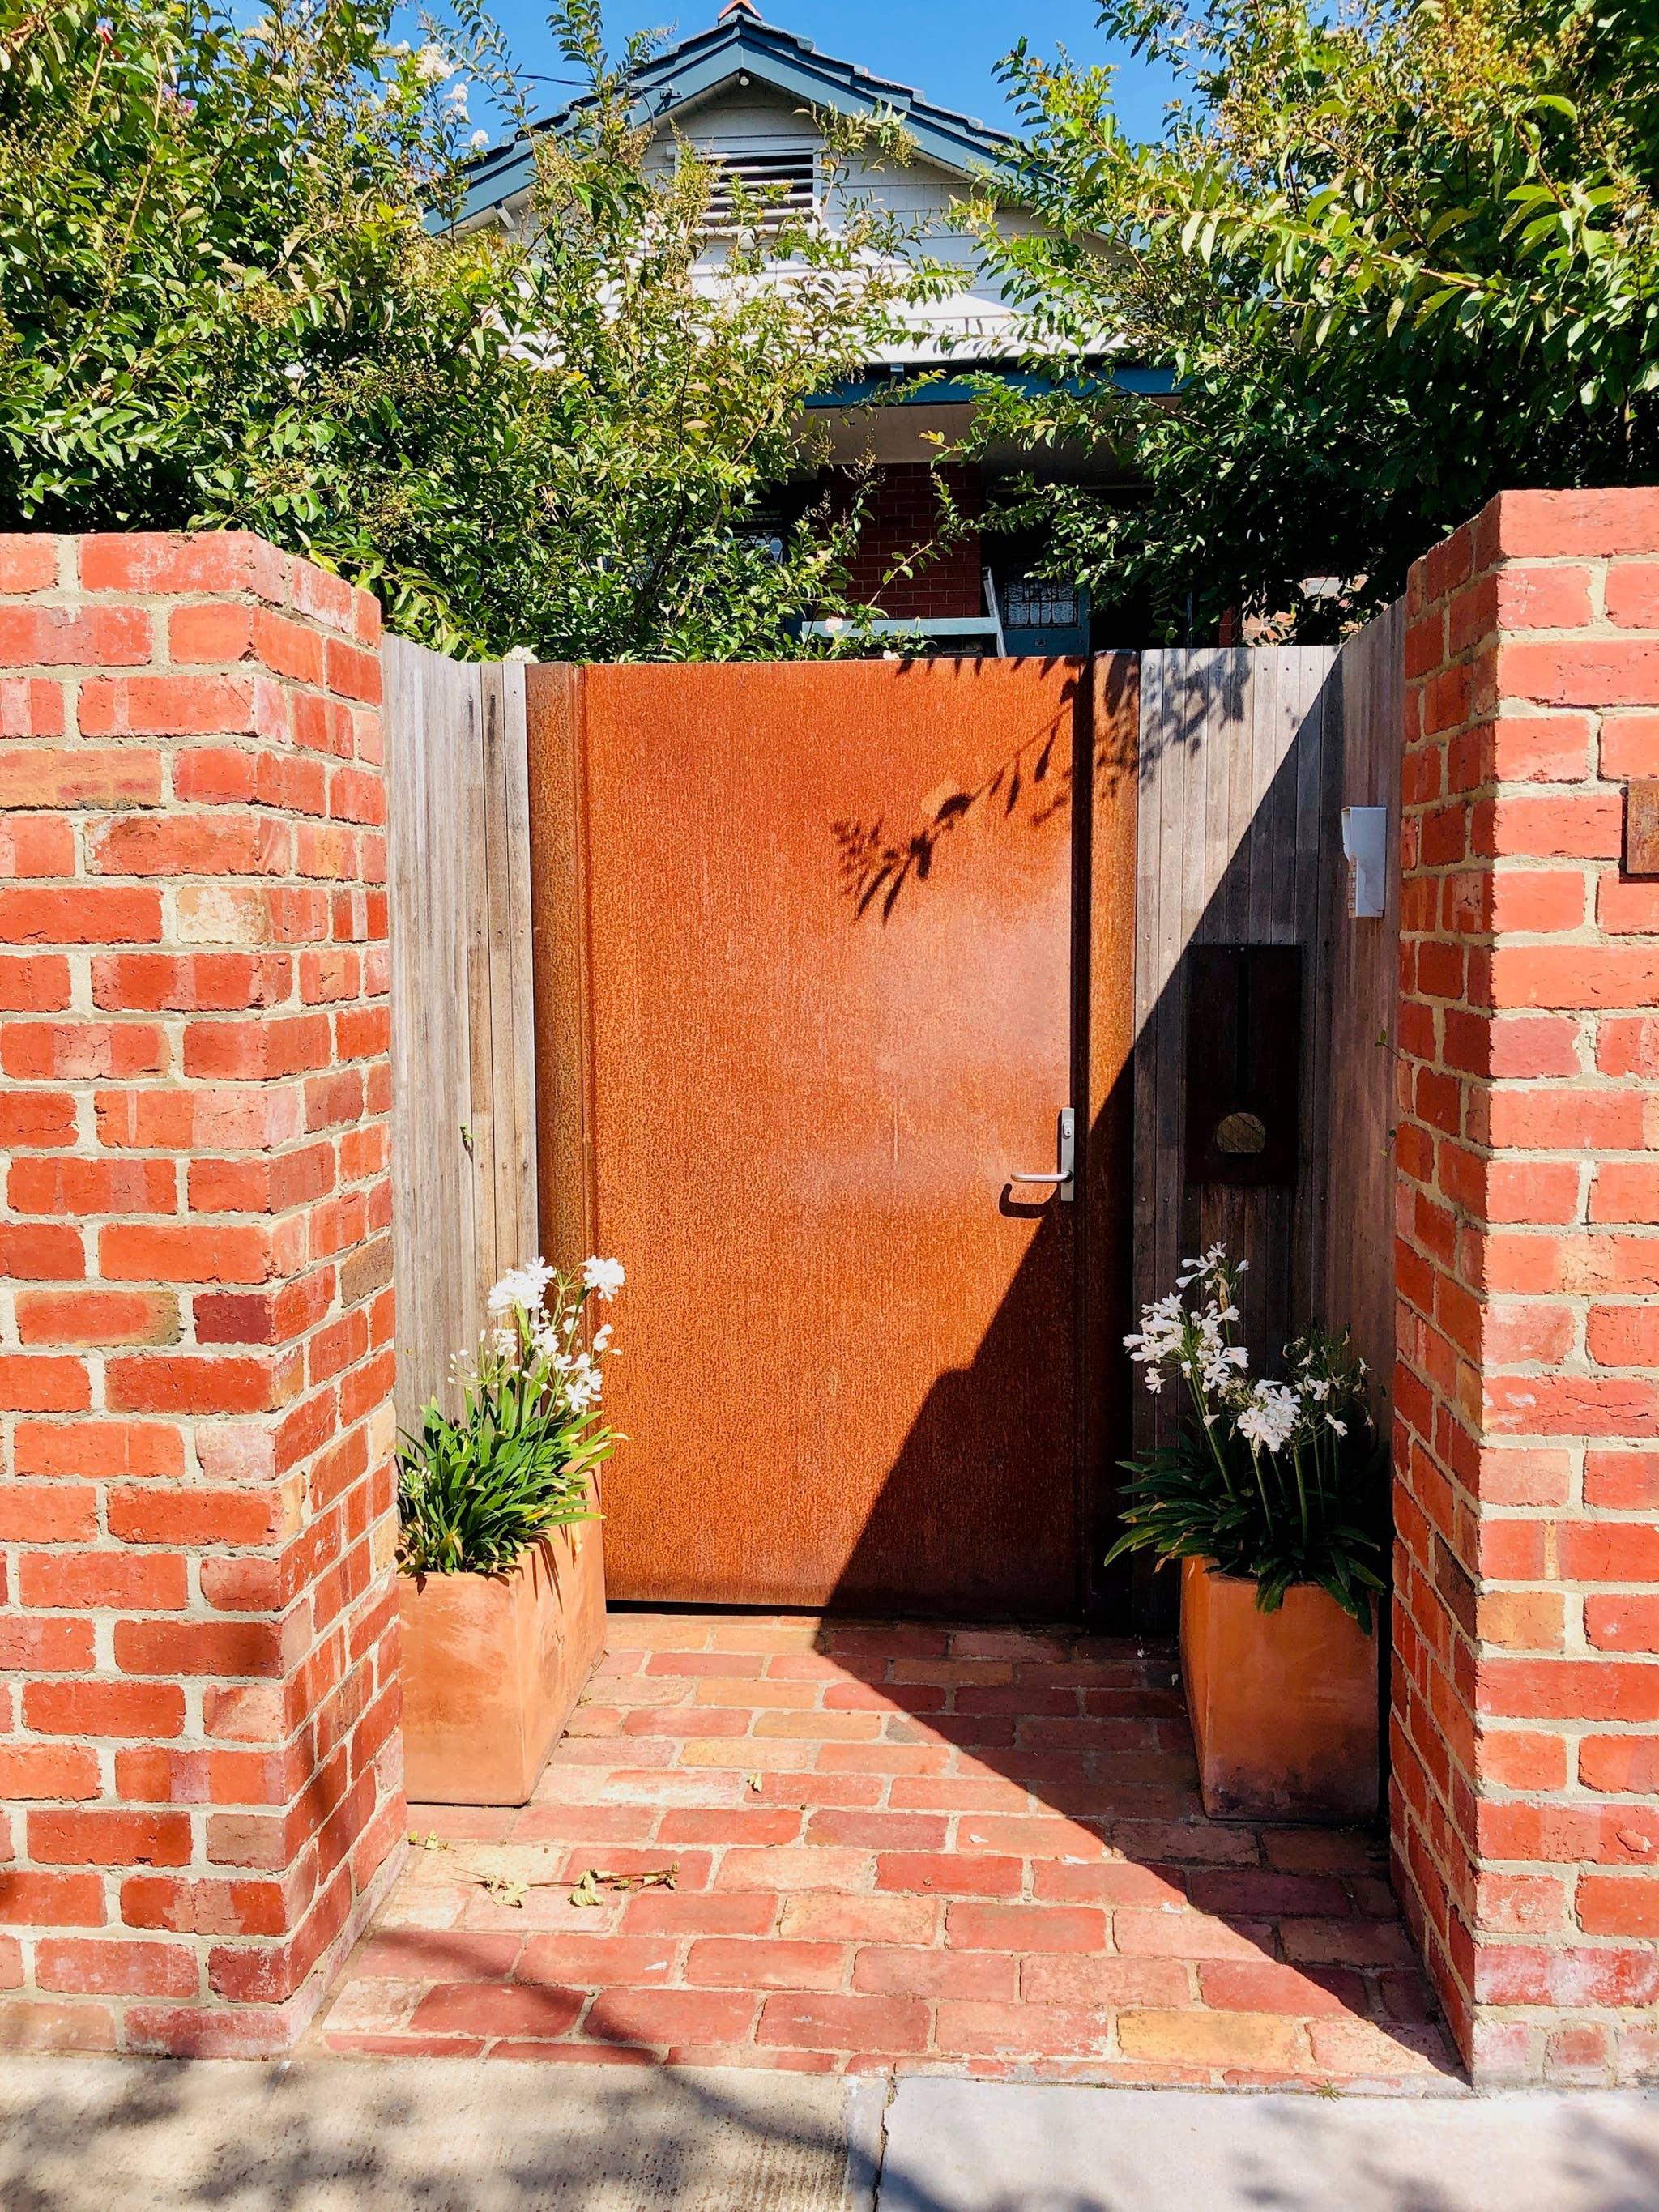 Ferienhaus  (2781792), Burwood, , Victoria, Australien, Bild 3